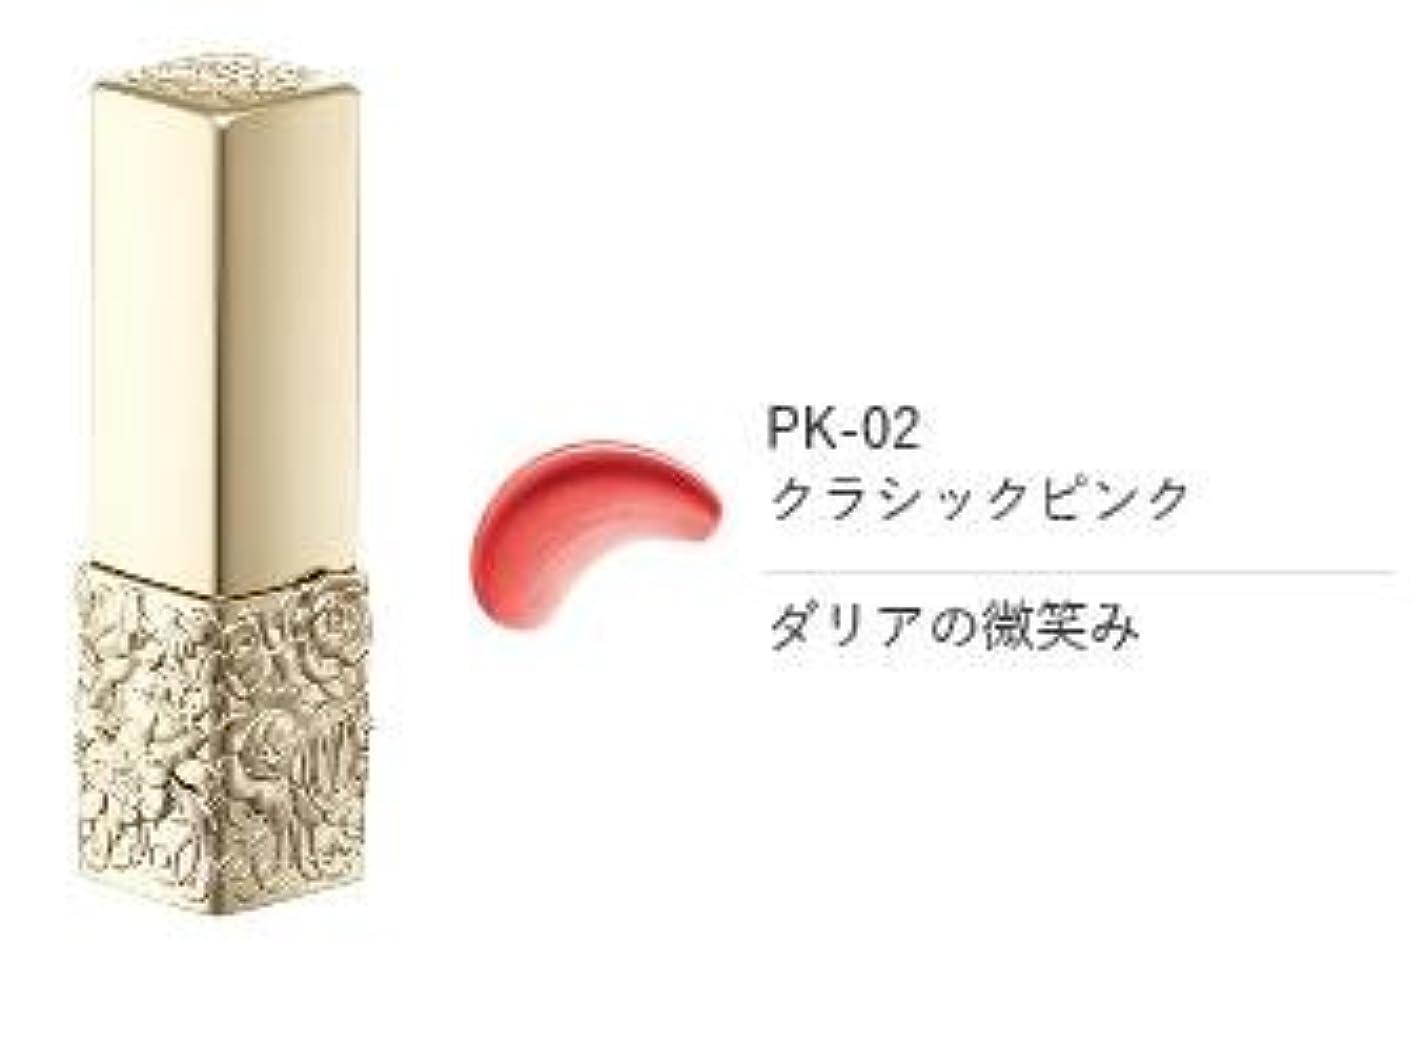 制裁育成コロニートワニー ララブーケルージュグロッシー PK-02